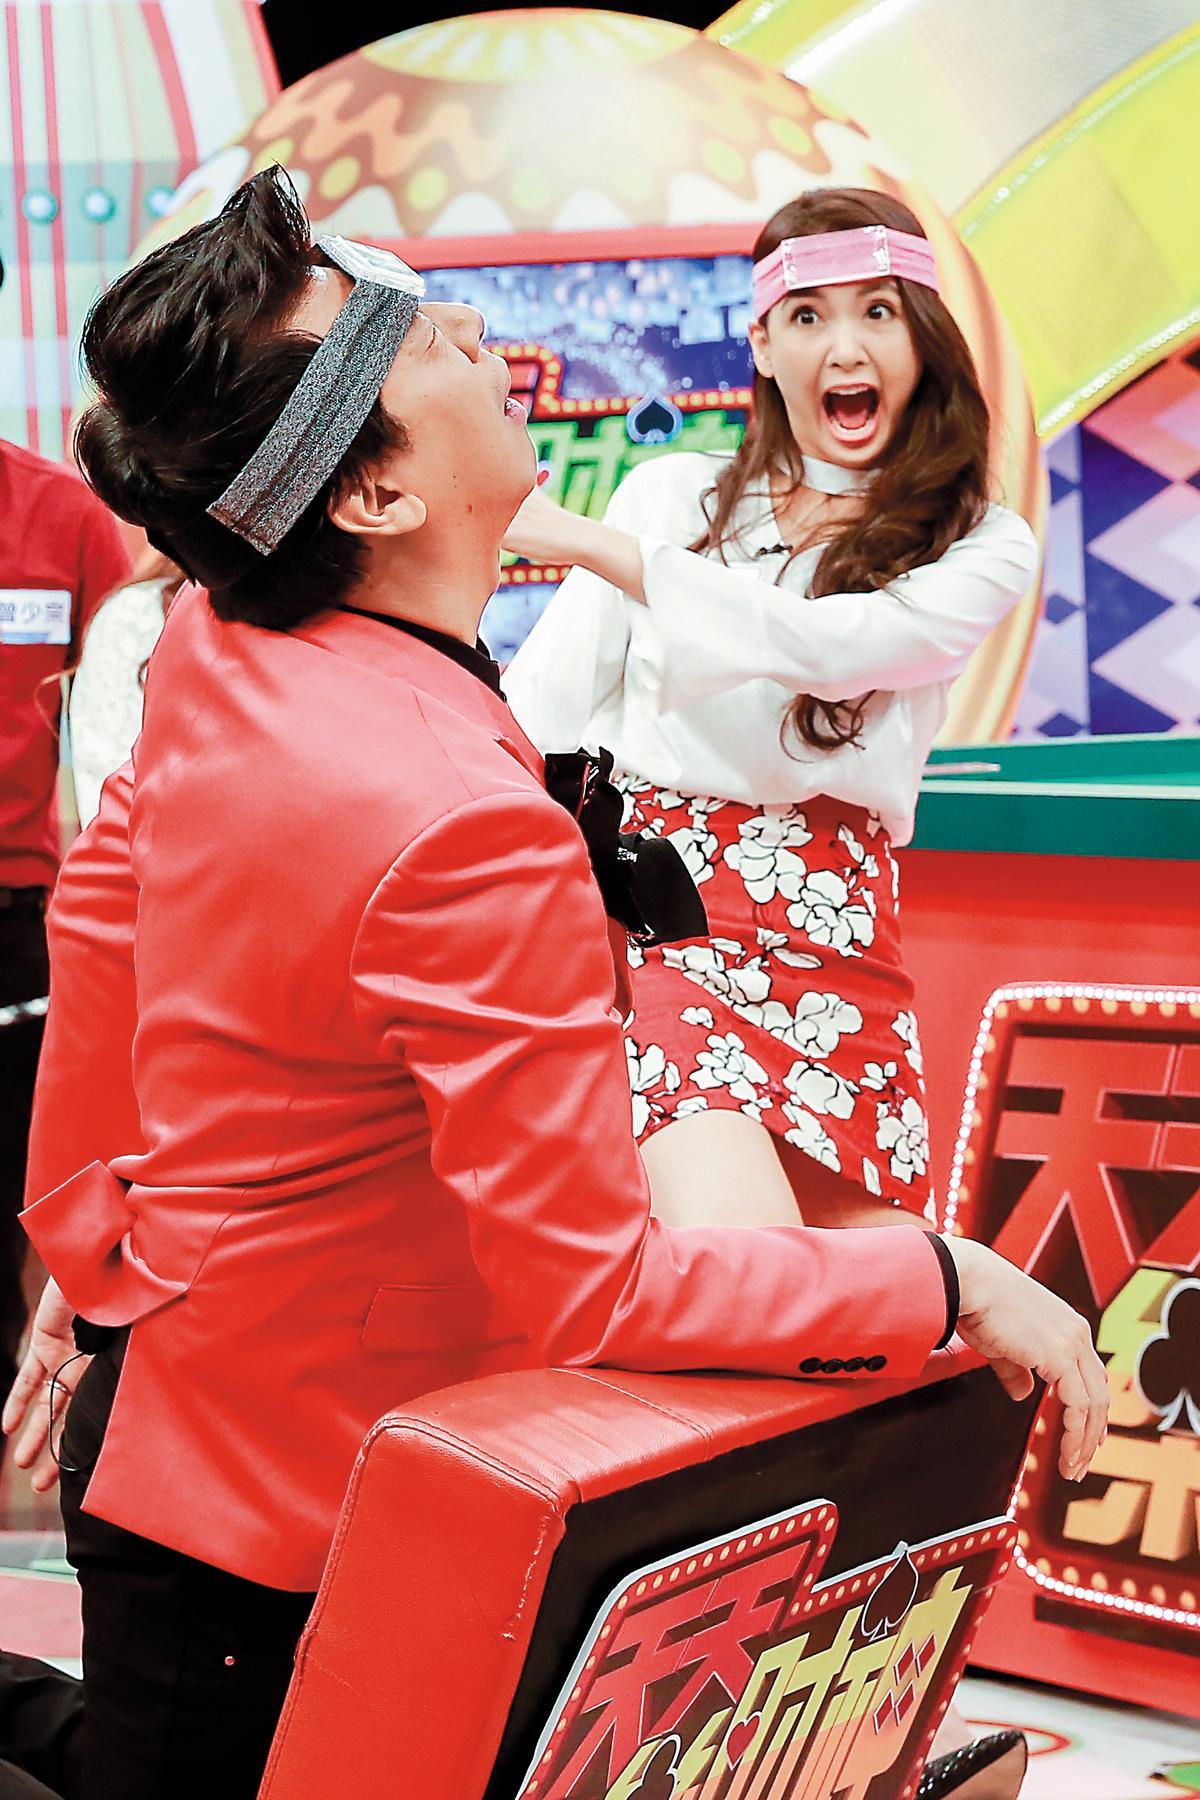 韋汝身為單親媽媽如今還得狂上綜藝節目賺取家用,孩子的爸跟她口中的「庸脂俗粉」空姐范璧如穩定交往中。